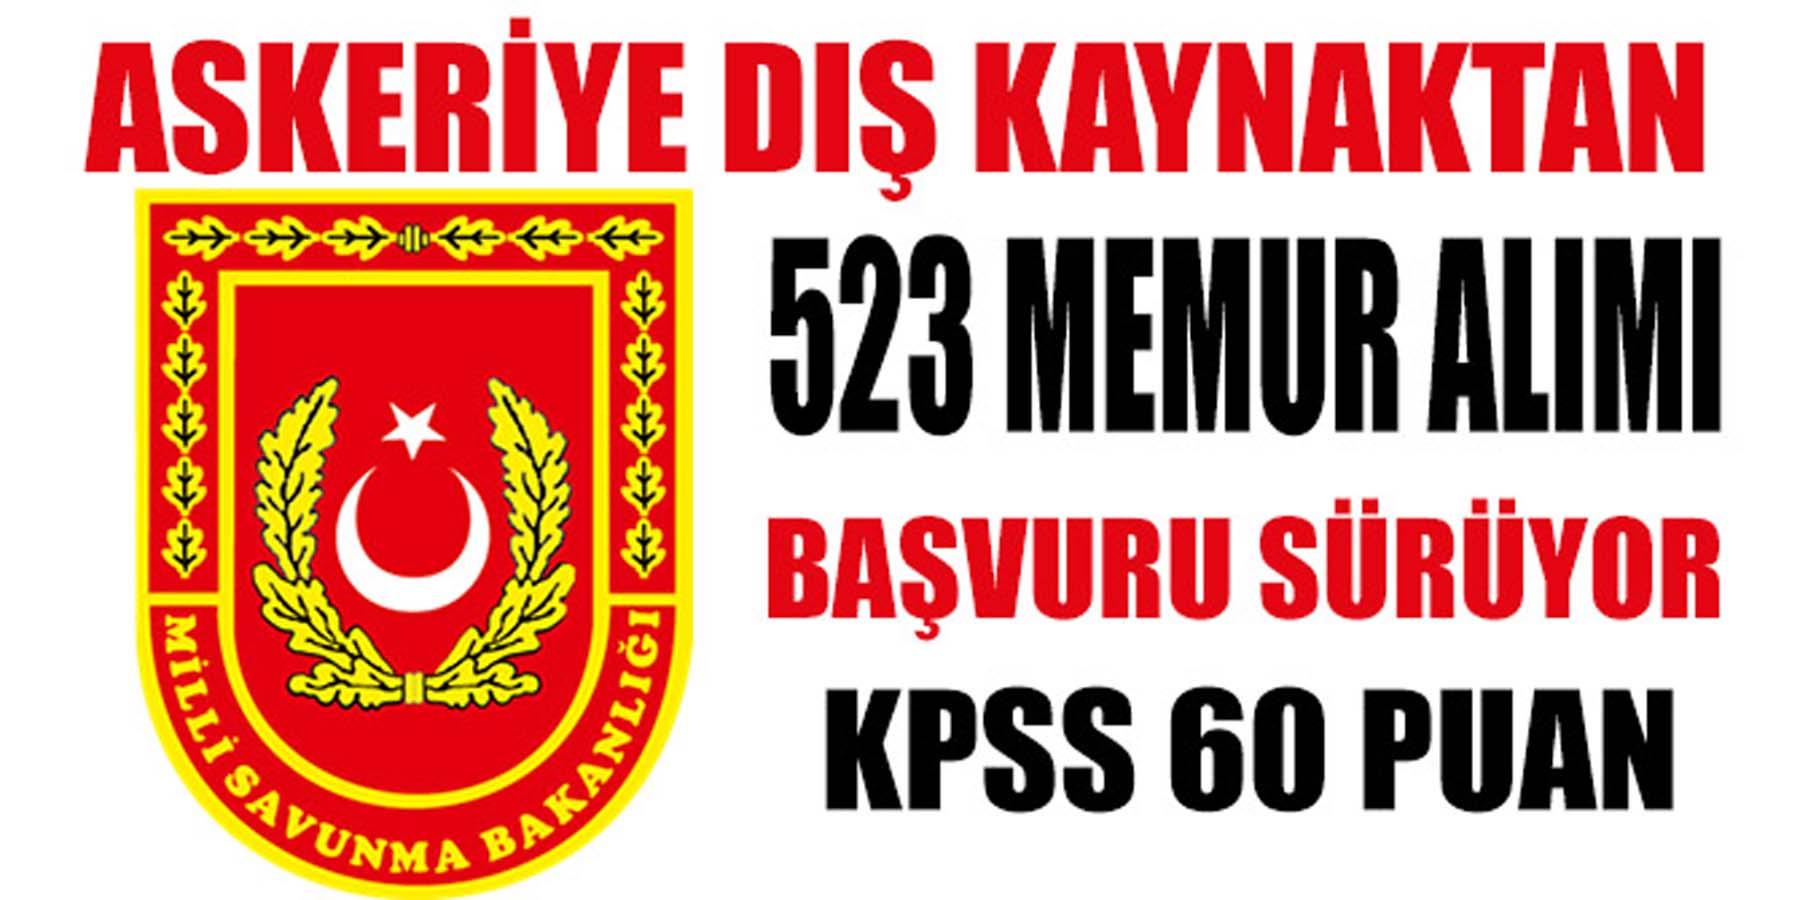 Askeriye Dış Kaynaktan 523 Memur Alımı Başvurusu Sürüyor